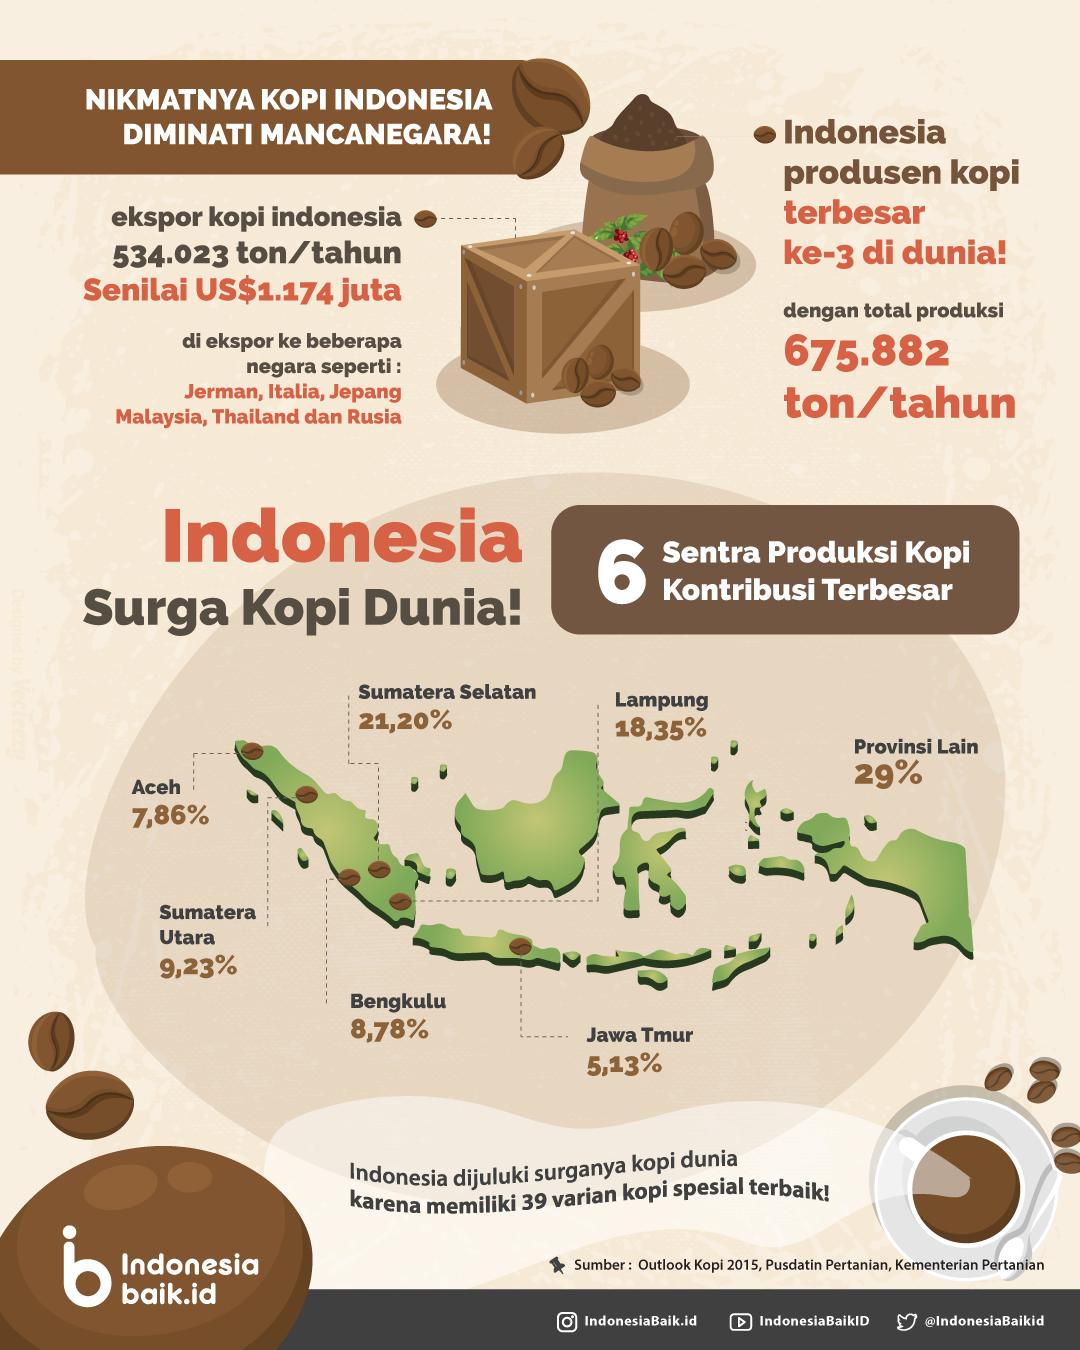 Indonesia Surga Kopi Dunia! Indonesia Baik (Dengan